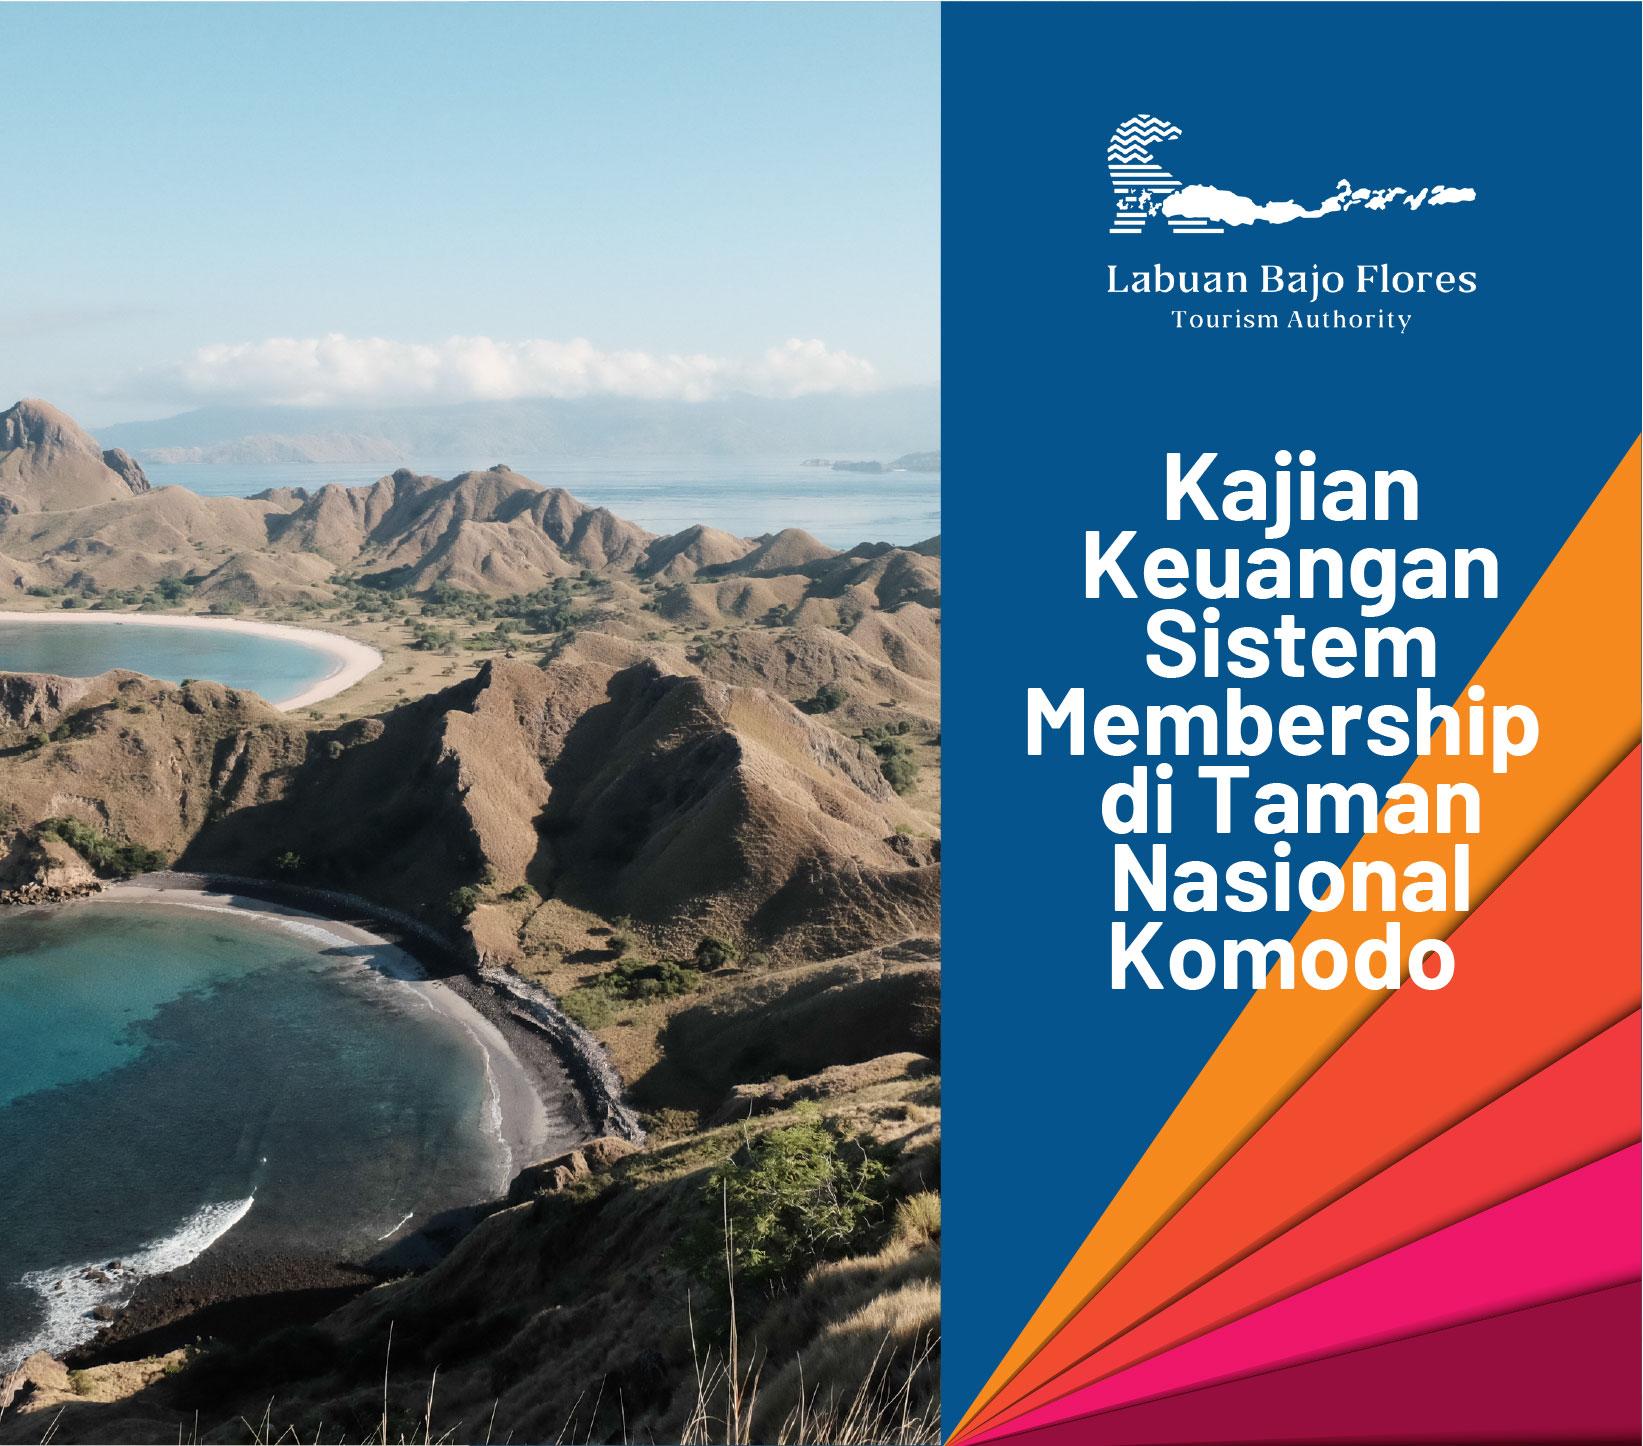 Kajian Keungan Sistem Membership di Taman Nasional Komodo